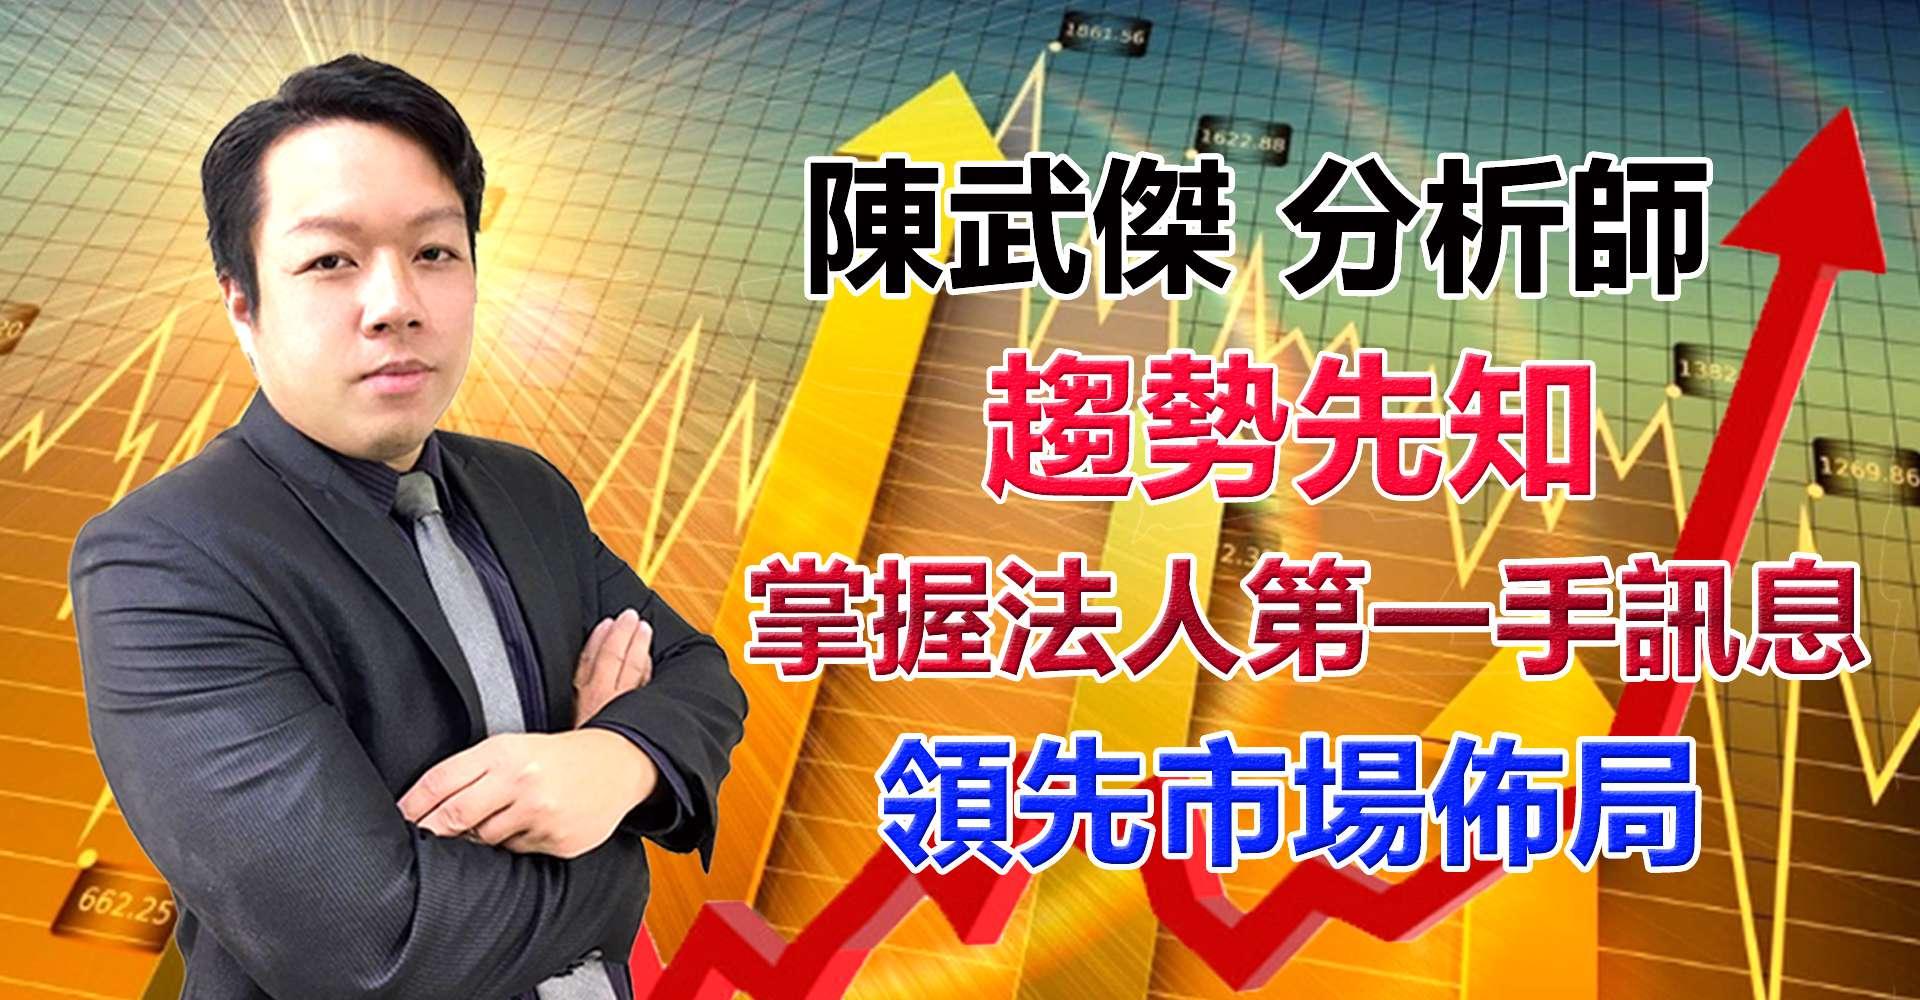 《陳武傑-鎖碼影音》趨勢先知,掌握法人第一手訊息,領先市場佈局 (圖)